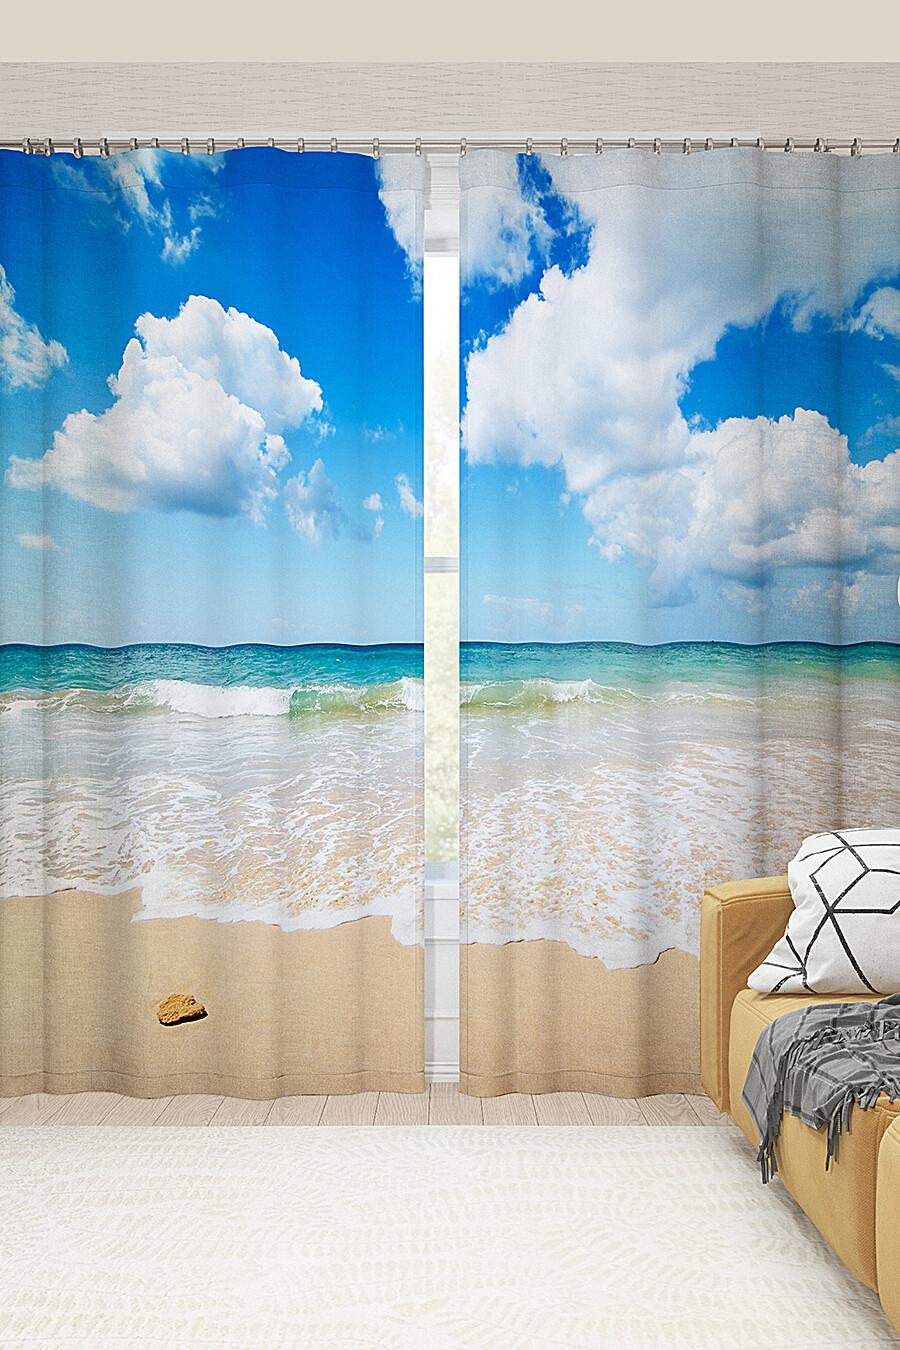 Фотошторы для дома ART HOME TEXTILE 123524 купить оптом от производителя. Совместная покупка товаров для дома в OptMoyo